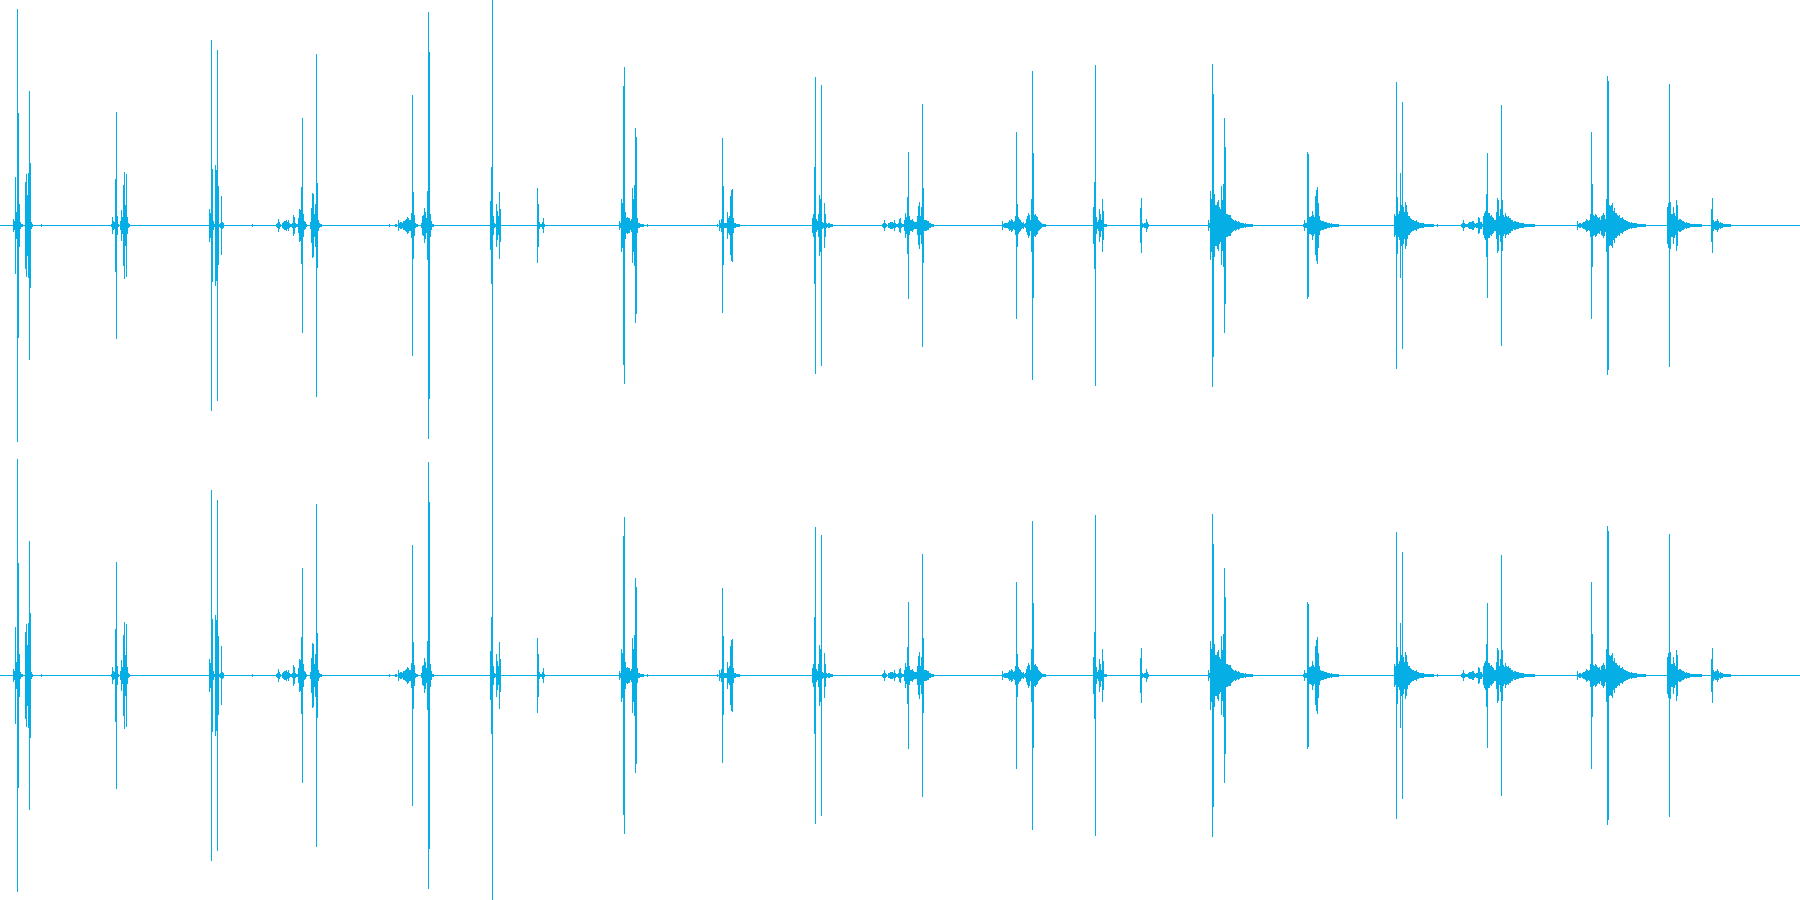 承認のスタンプ-7バージョンX 3...の再生済みの波形